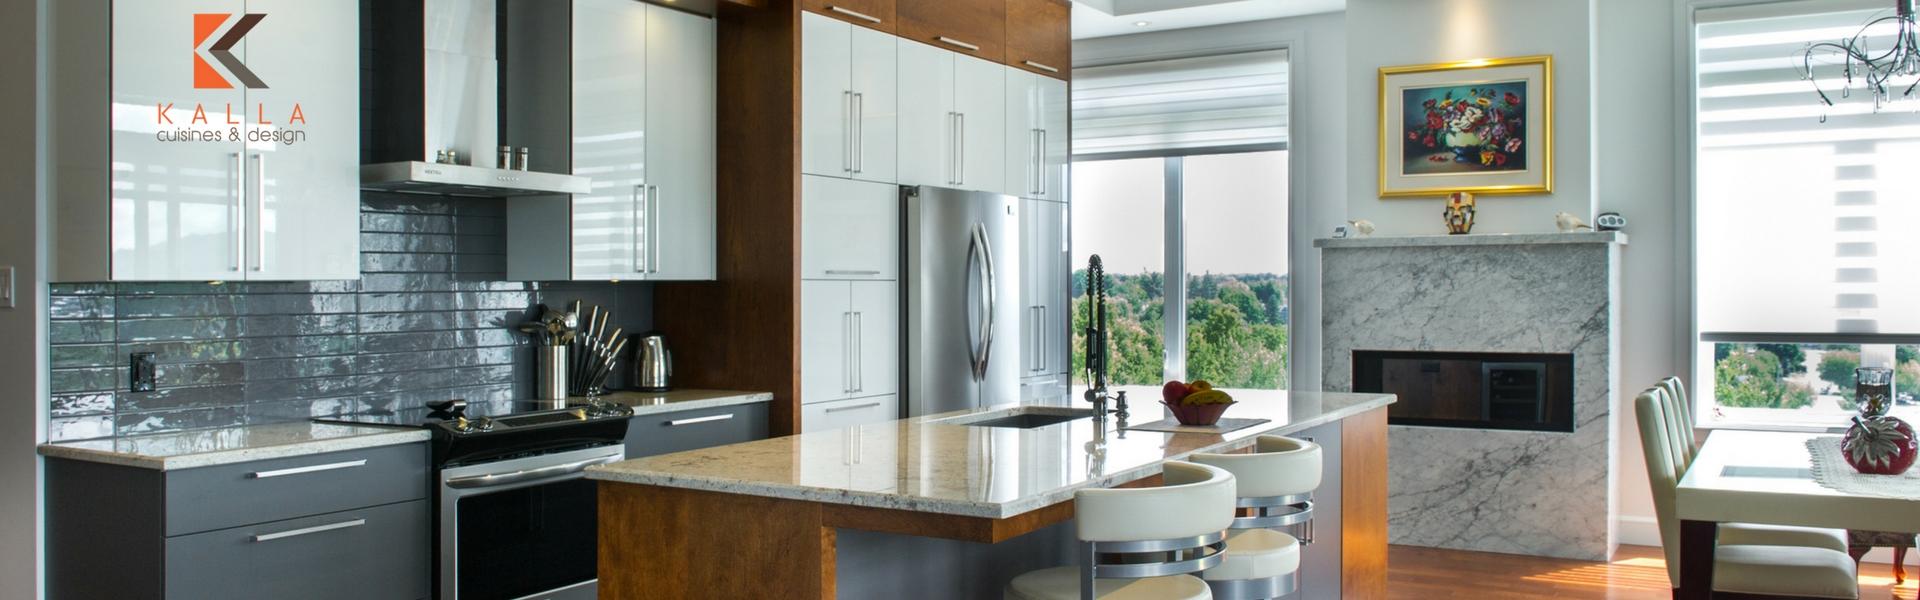 R nover sa maison de fa on payante la cuisine et de la for Renover la cuisine